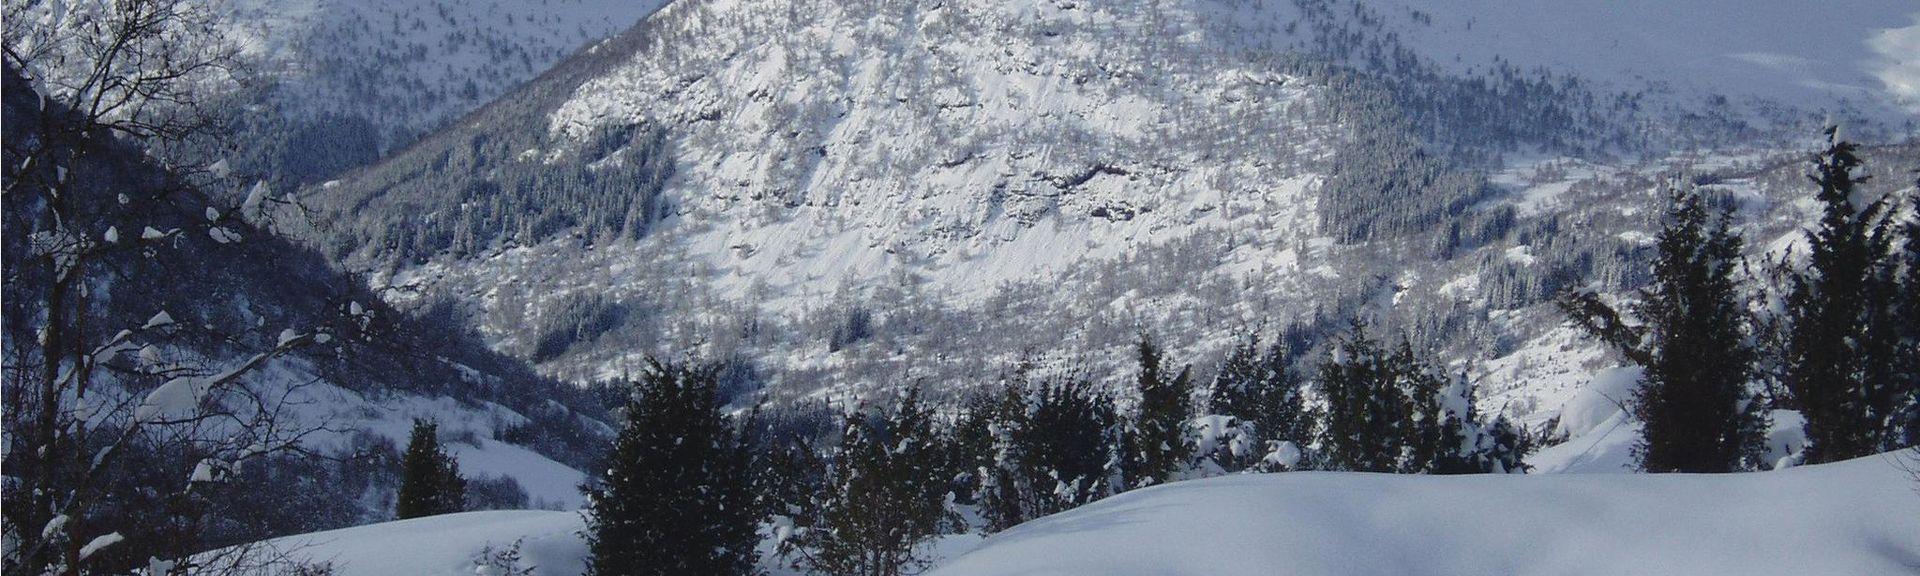 Kaupanger, Sogn og Fjordane, Norge